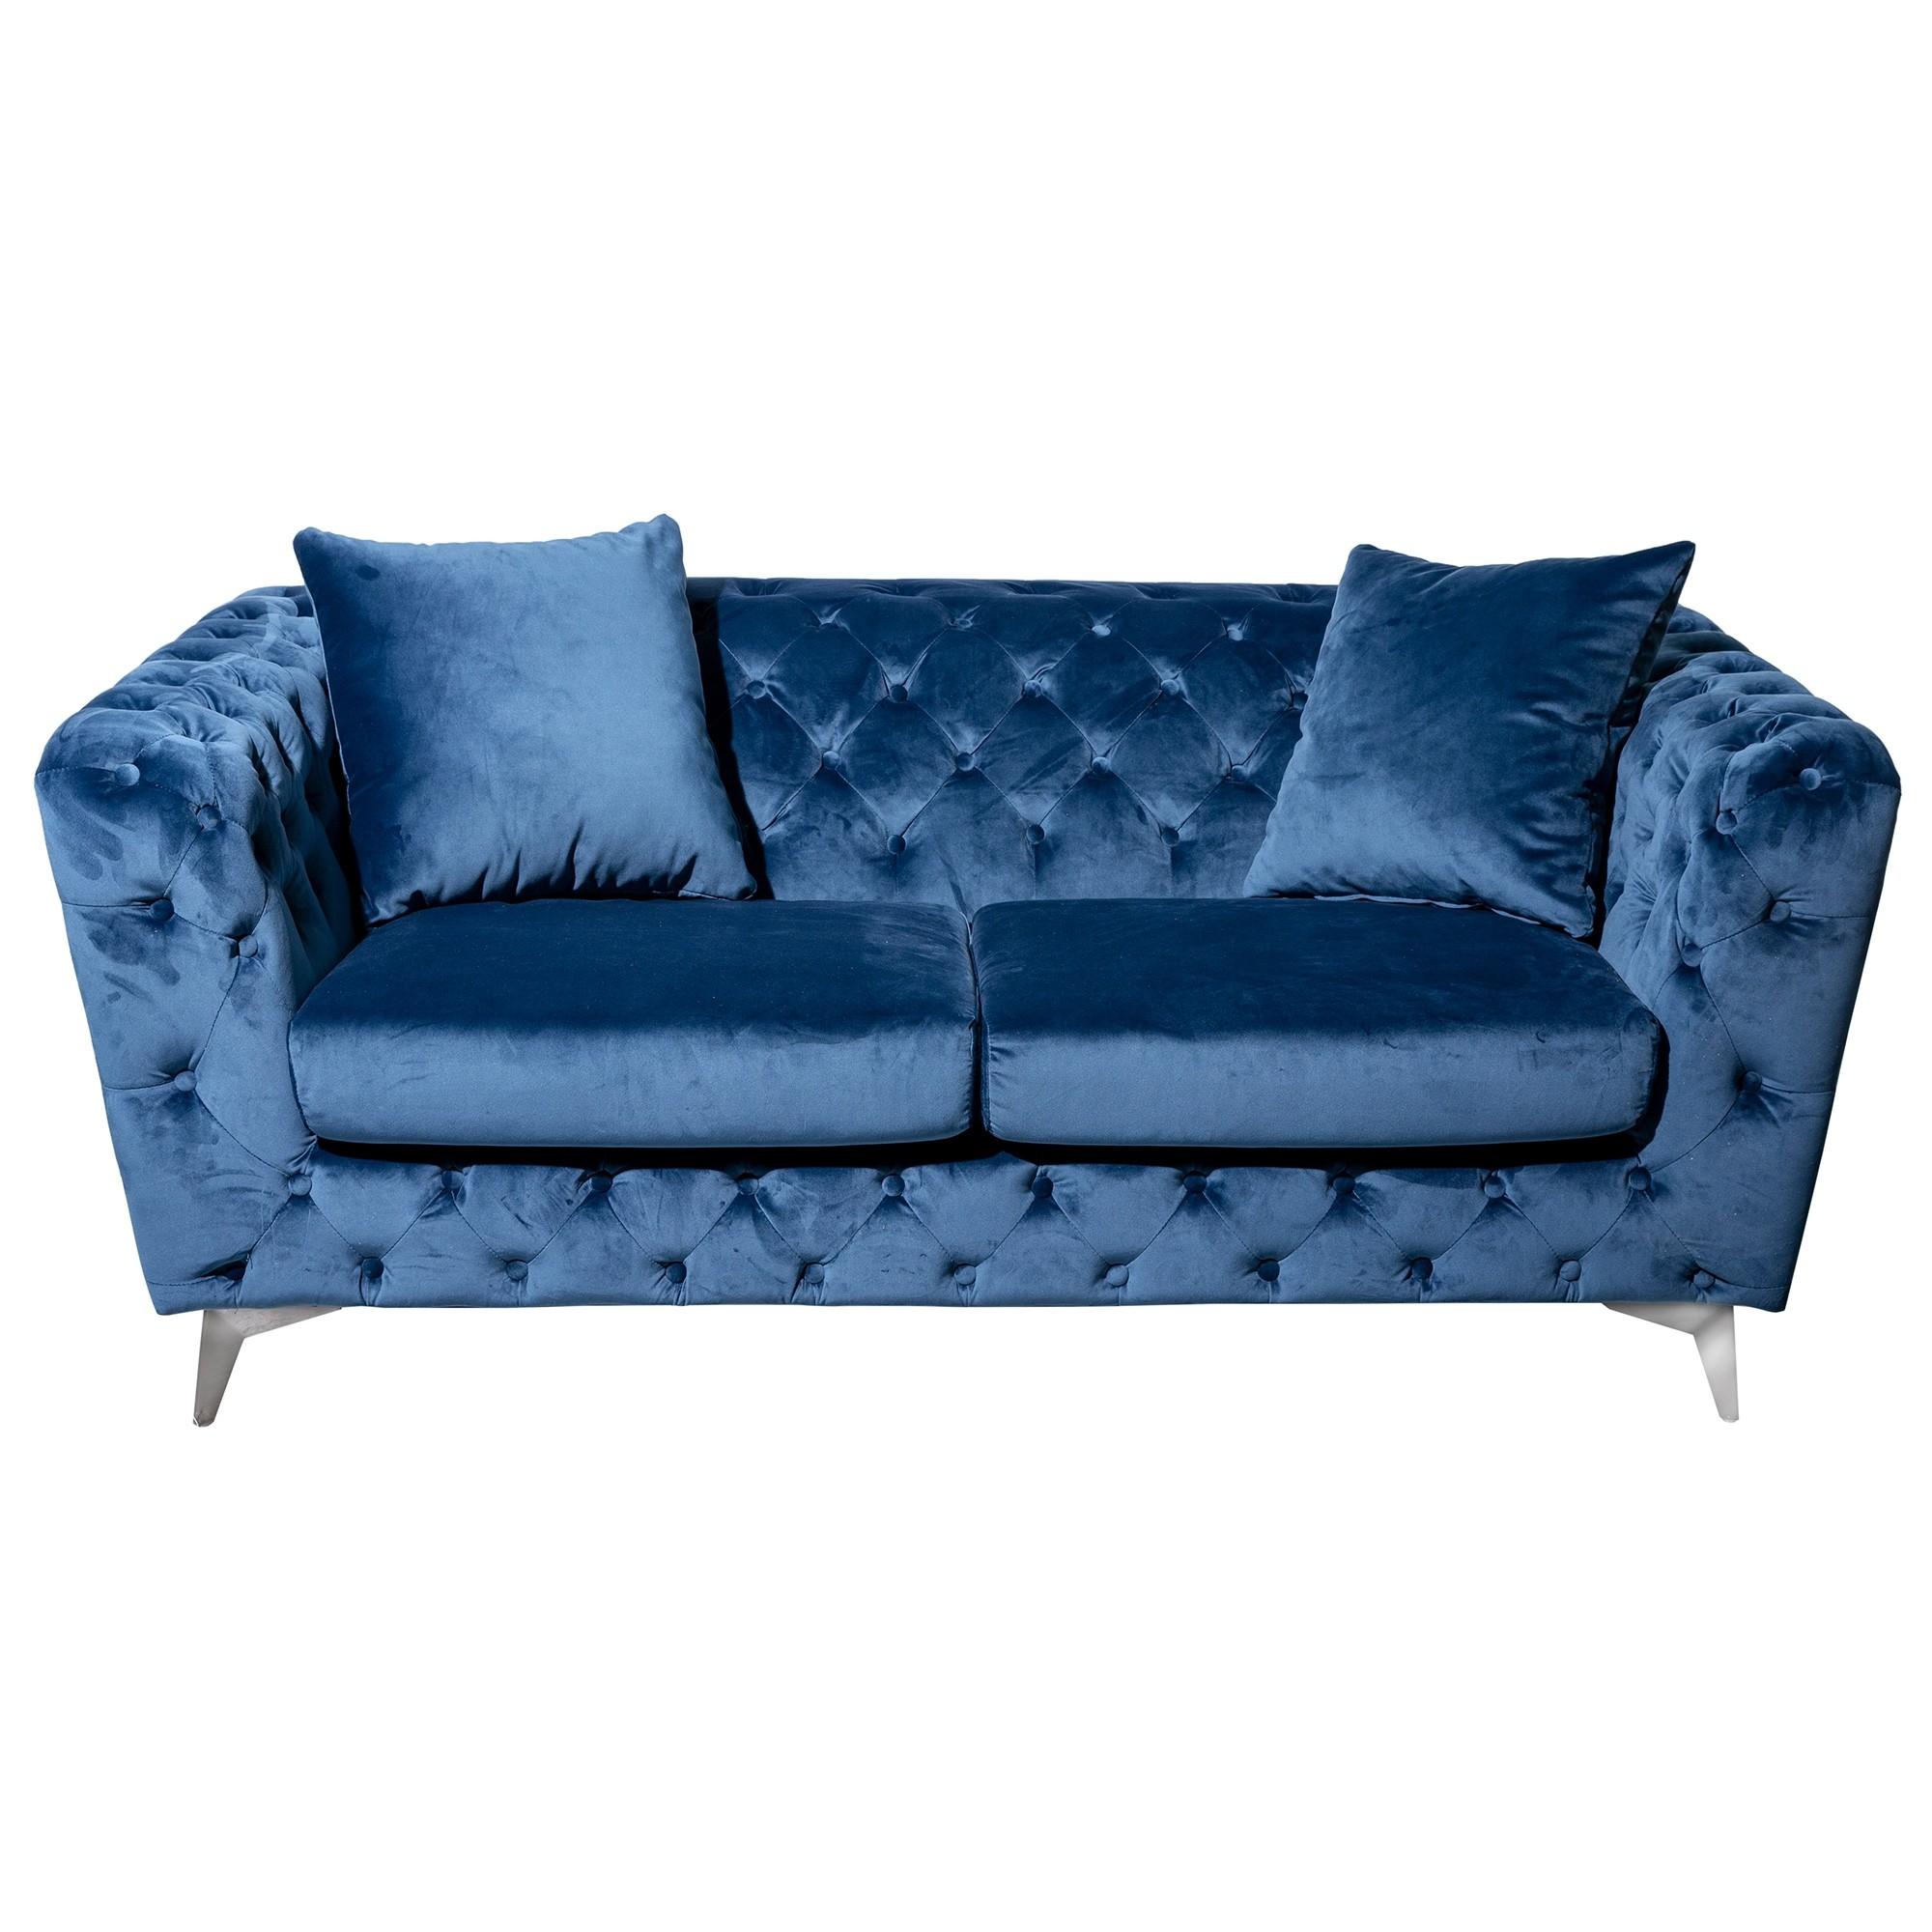 Potton Tufted Fabric Sofa, 2 Seater, Blue